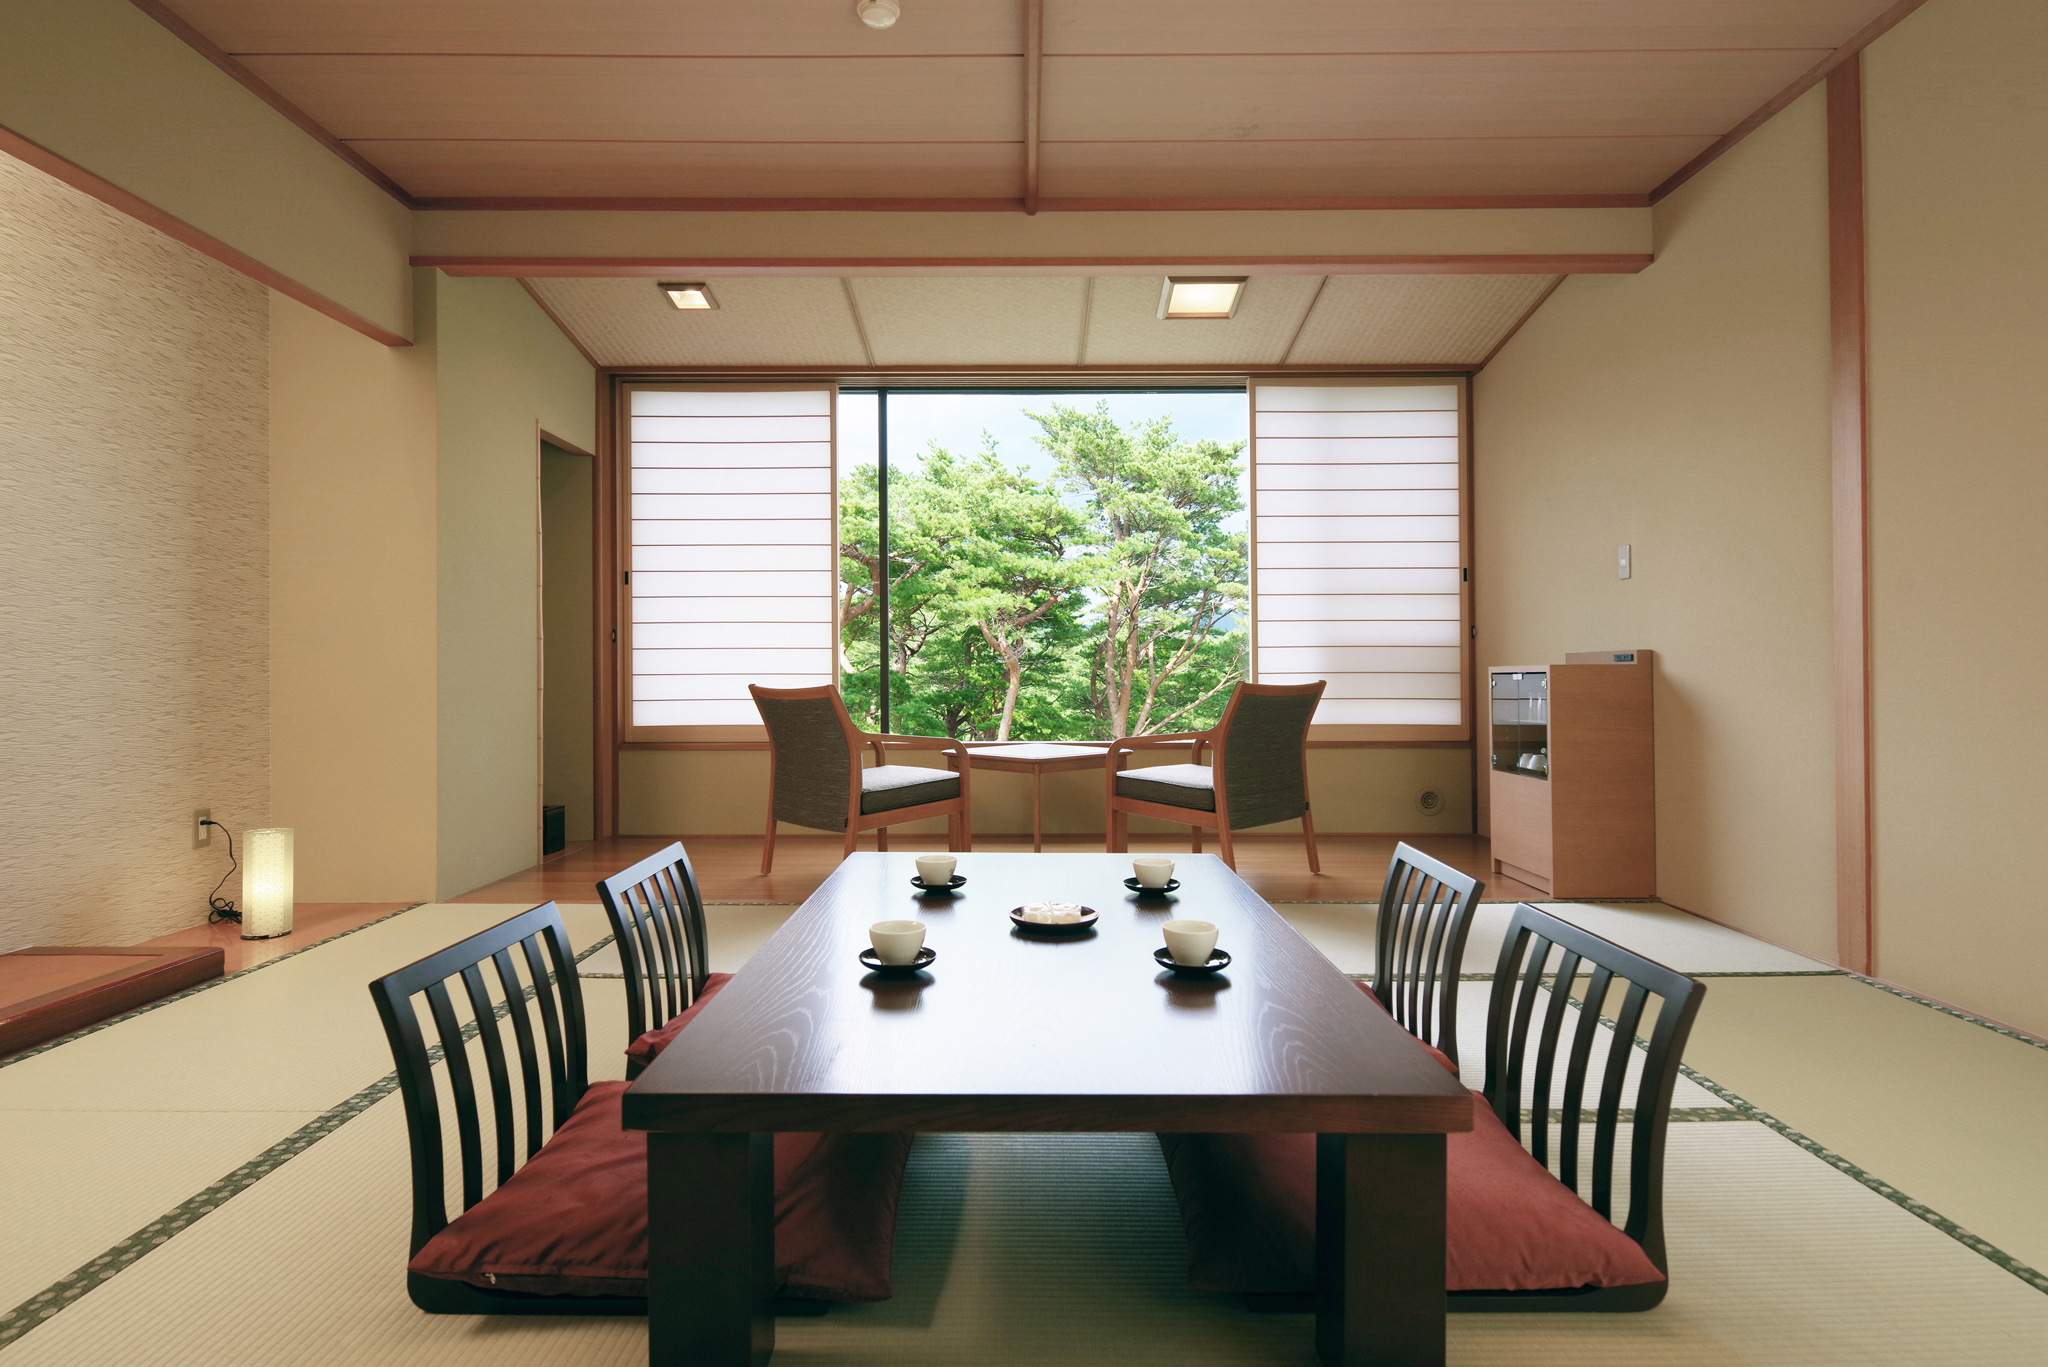 目の前に赤松林が広がり、静かな自然を満喫することのできる素敵な客室です。